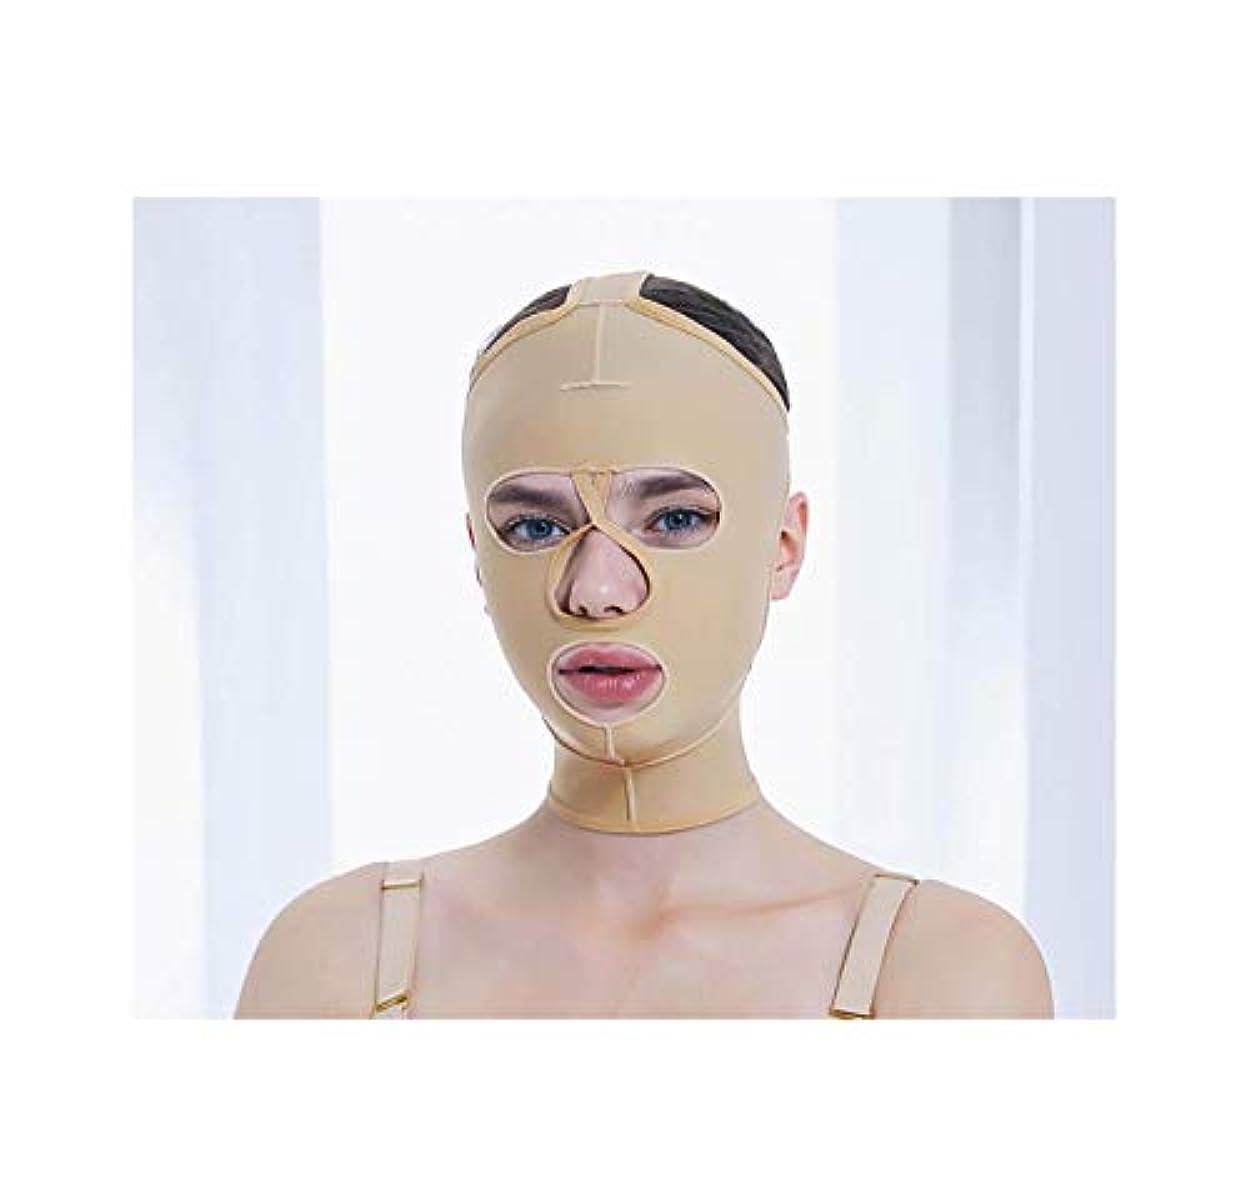 推定不足交差点フェイス&ネックリフト、減量フェイスマスク脂肪吸引術脂肪吸引整形マスクフードフェイスリフティングアーティファクトVフェイスビームフェイス弾性スリーブ(サイズ:XS),XS